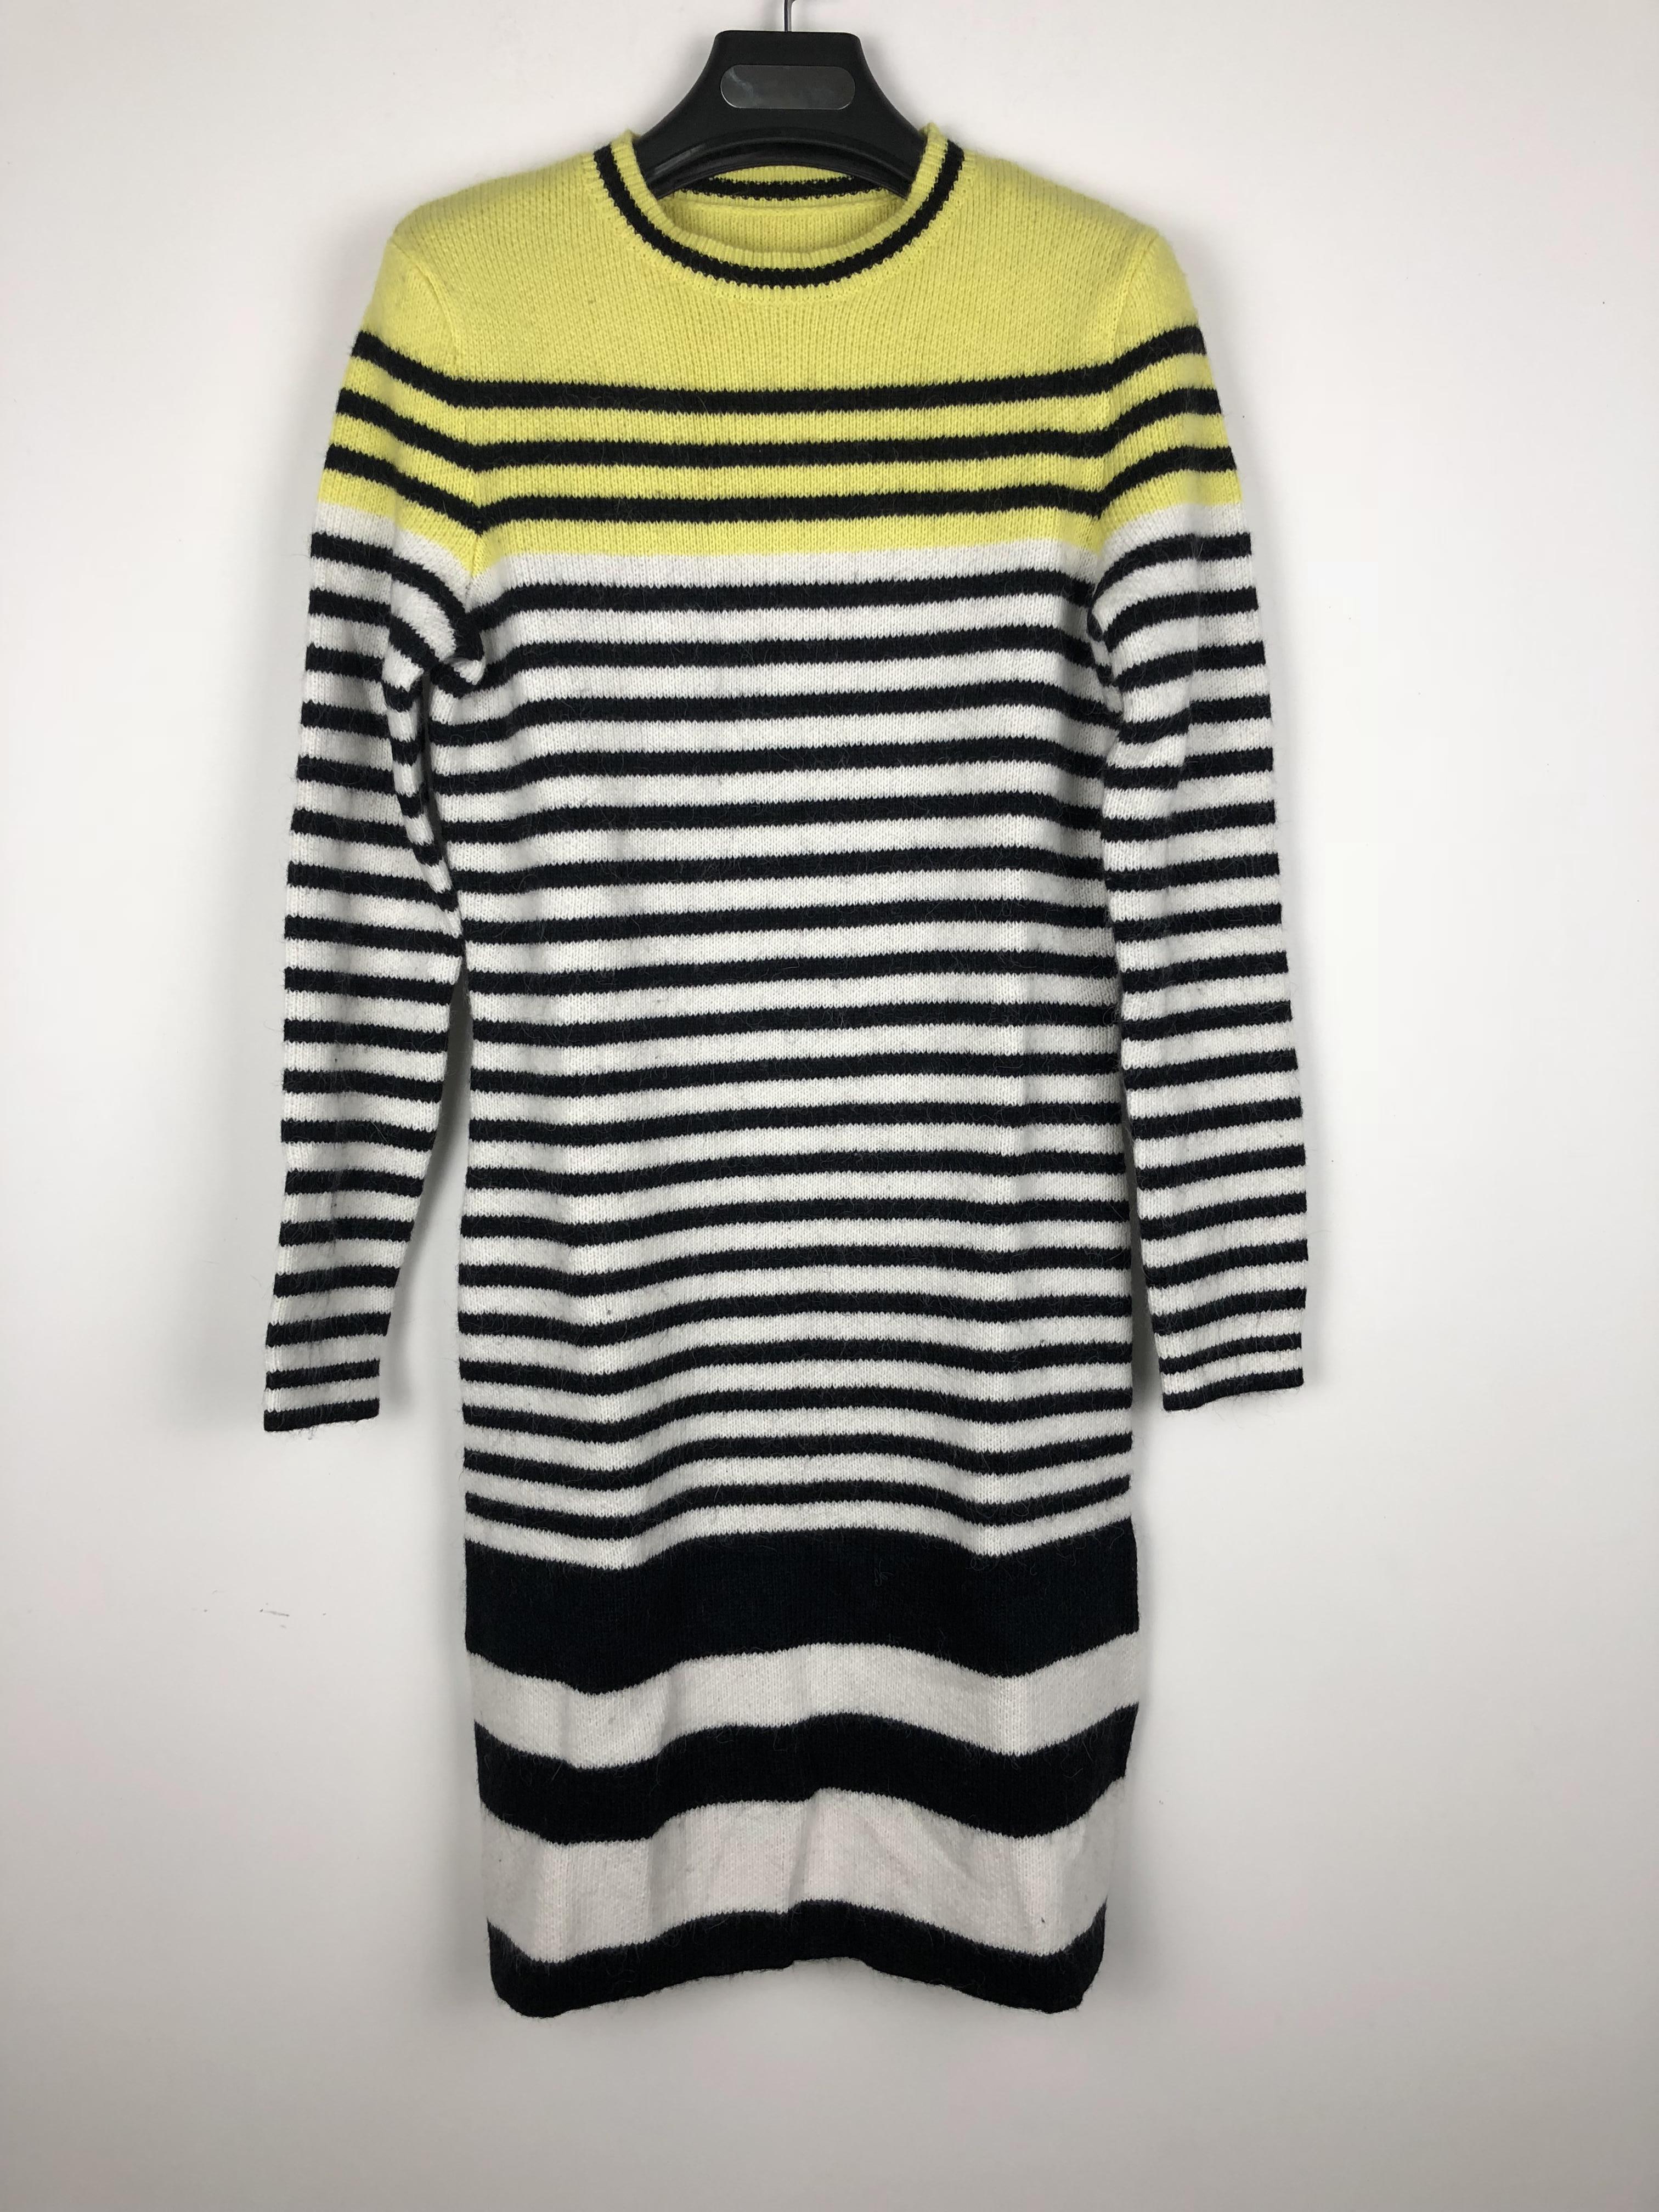 一线品牌折扣女装 专柜好货  羊毛连衣裙99